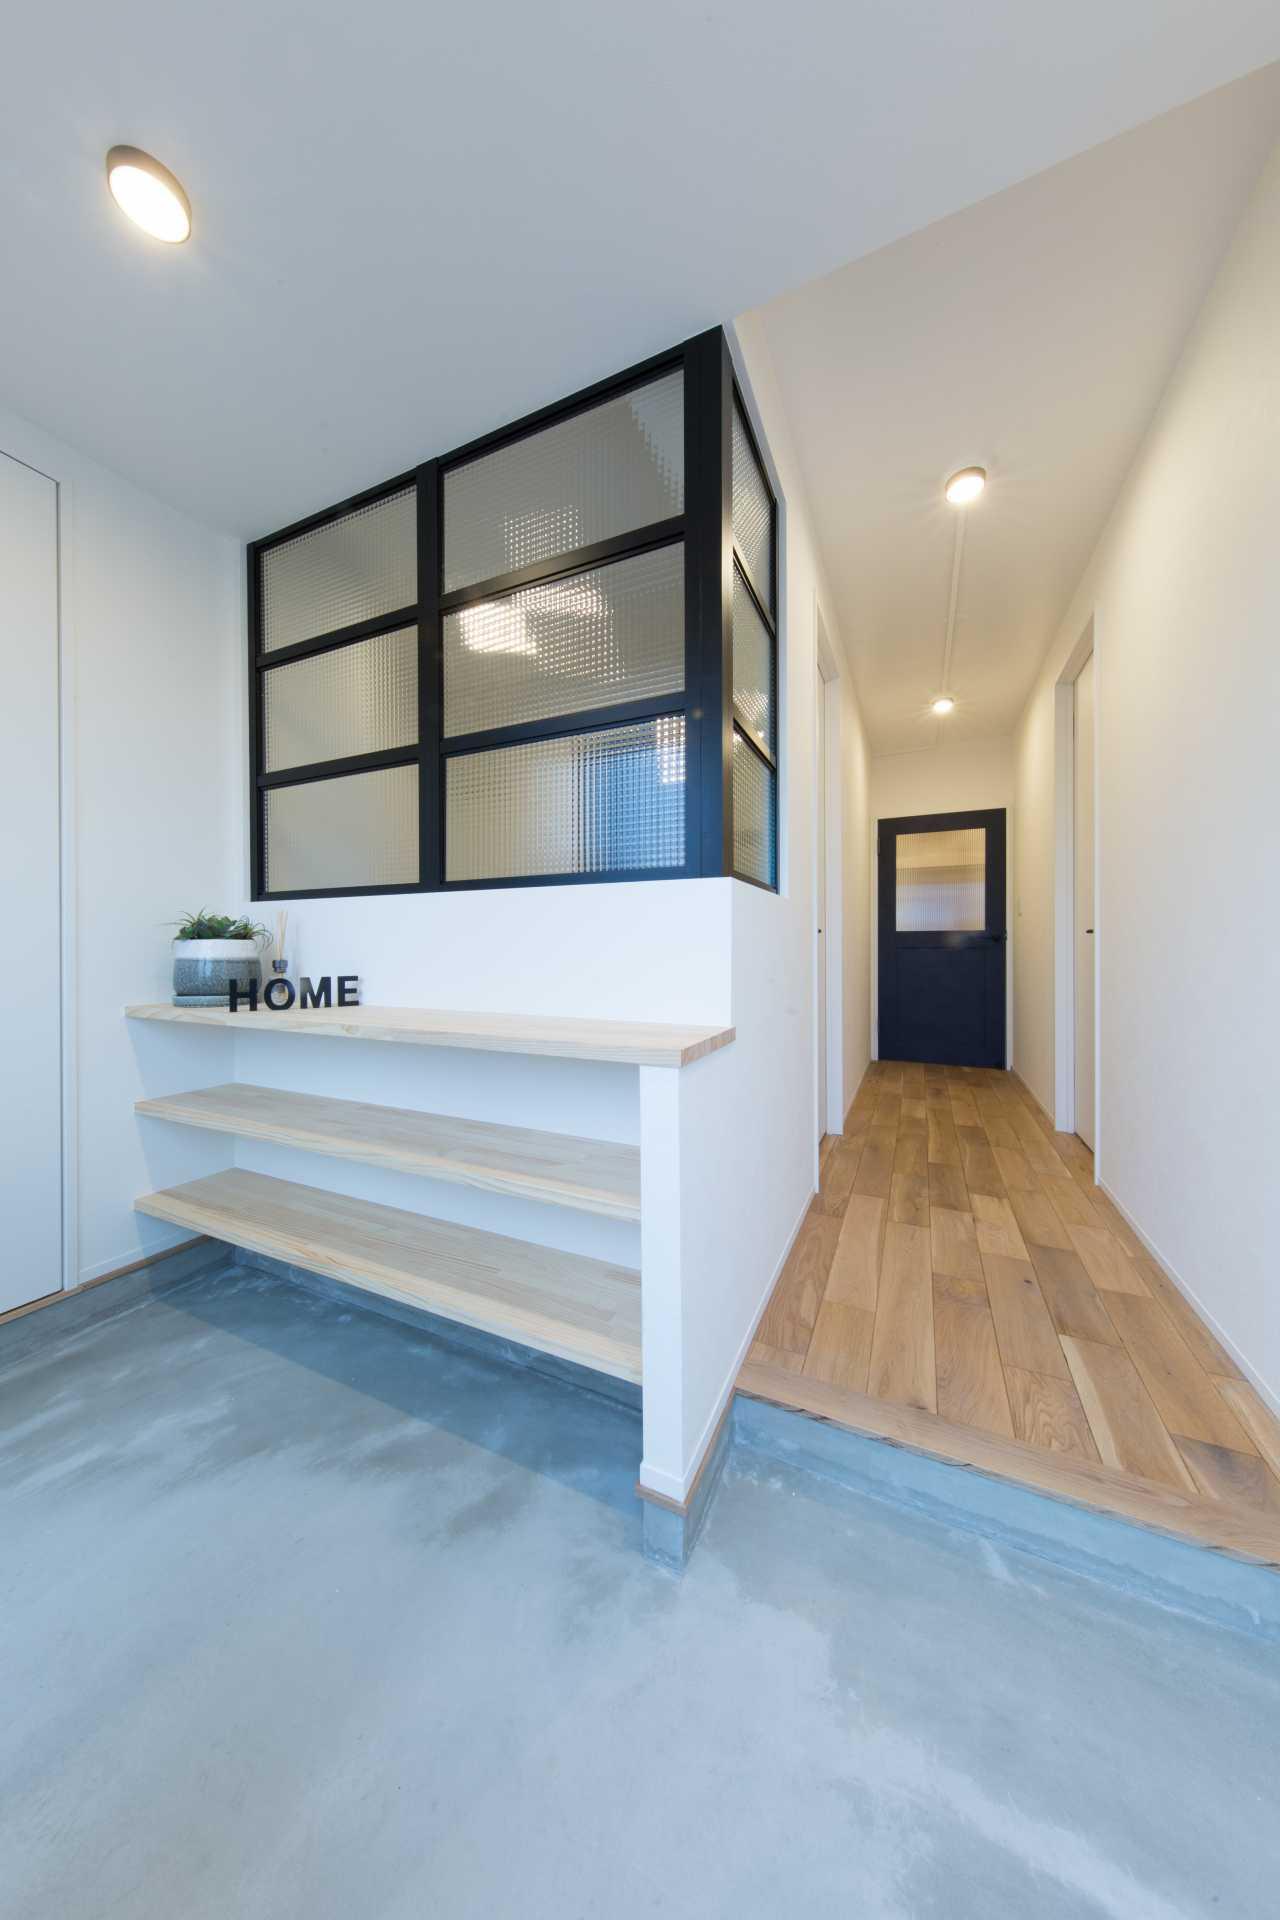 玄関のインパクトで他のマンションとの違いがはっきり表せます。